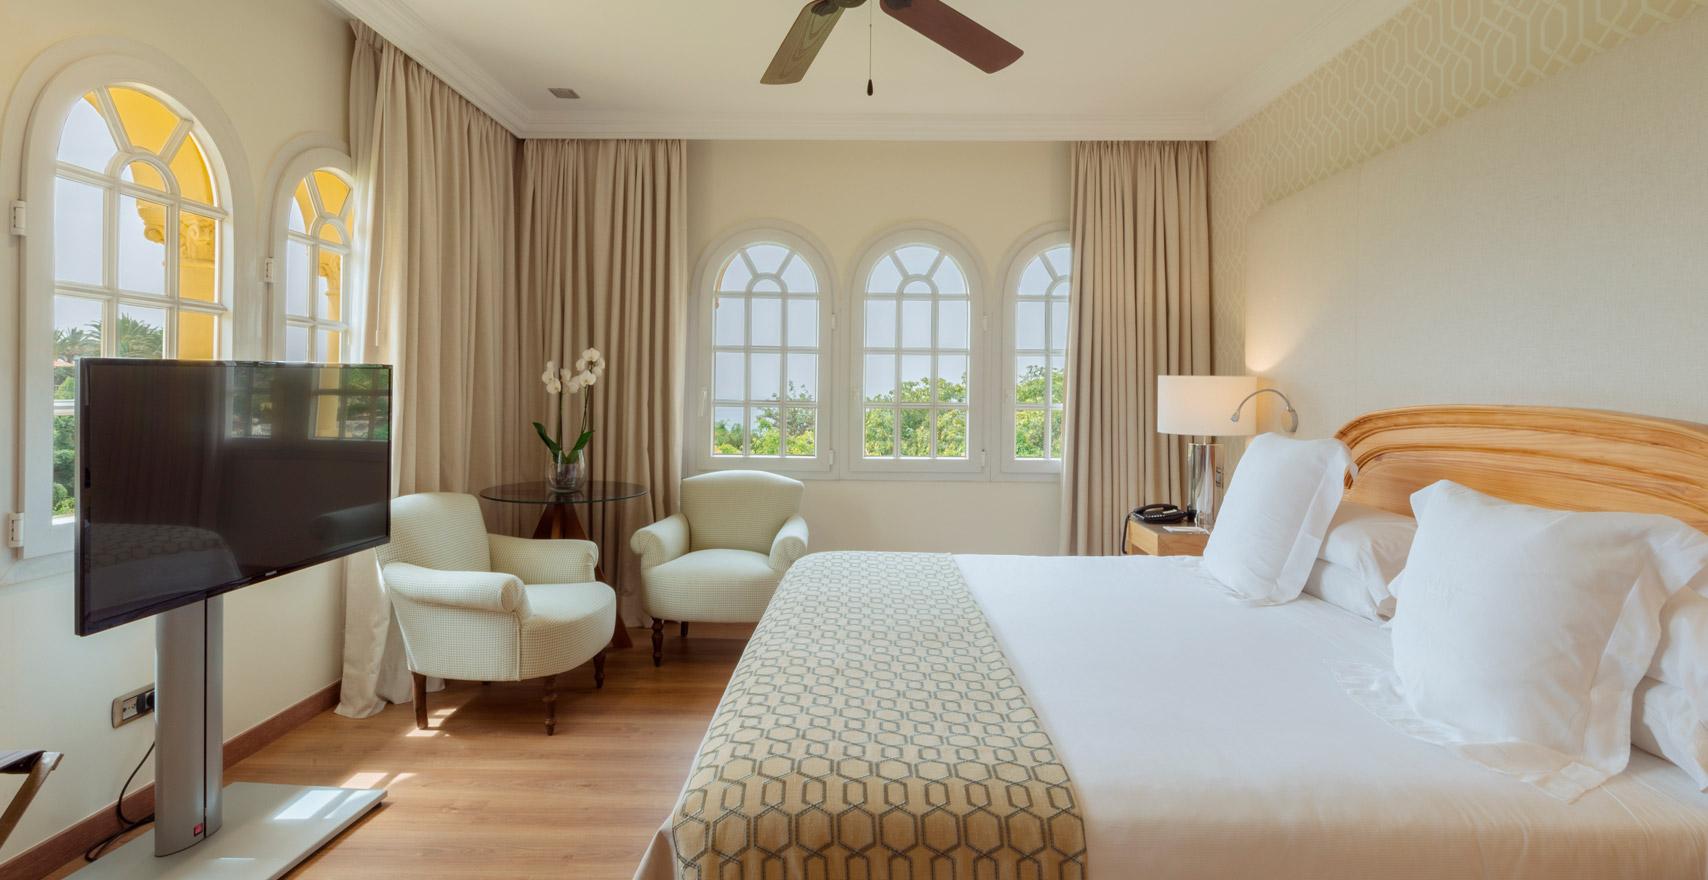 Presidential-Suite-CasasDucales-habitacion2